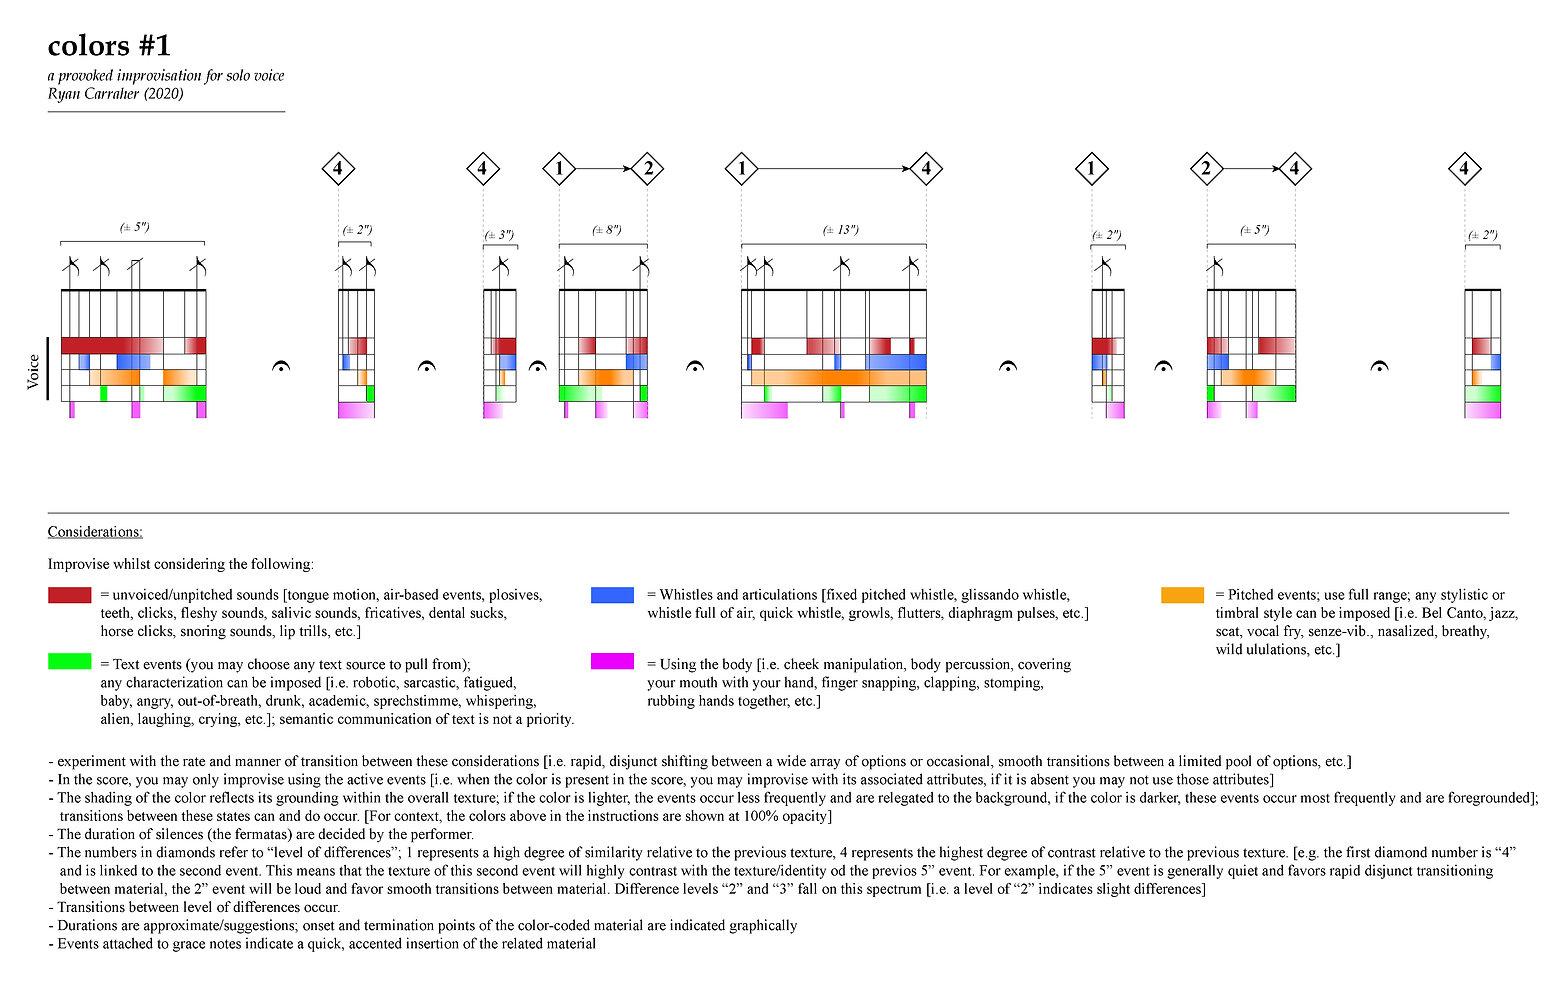 Carraher_Colors1_SoloVoice_SCORE-01.jpg